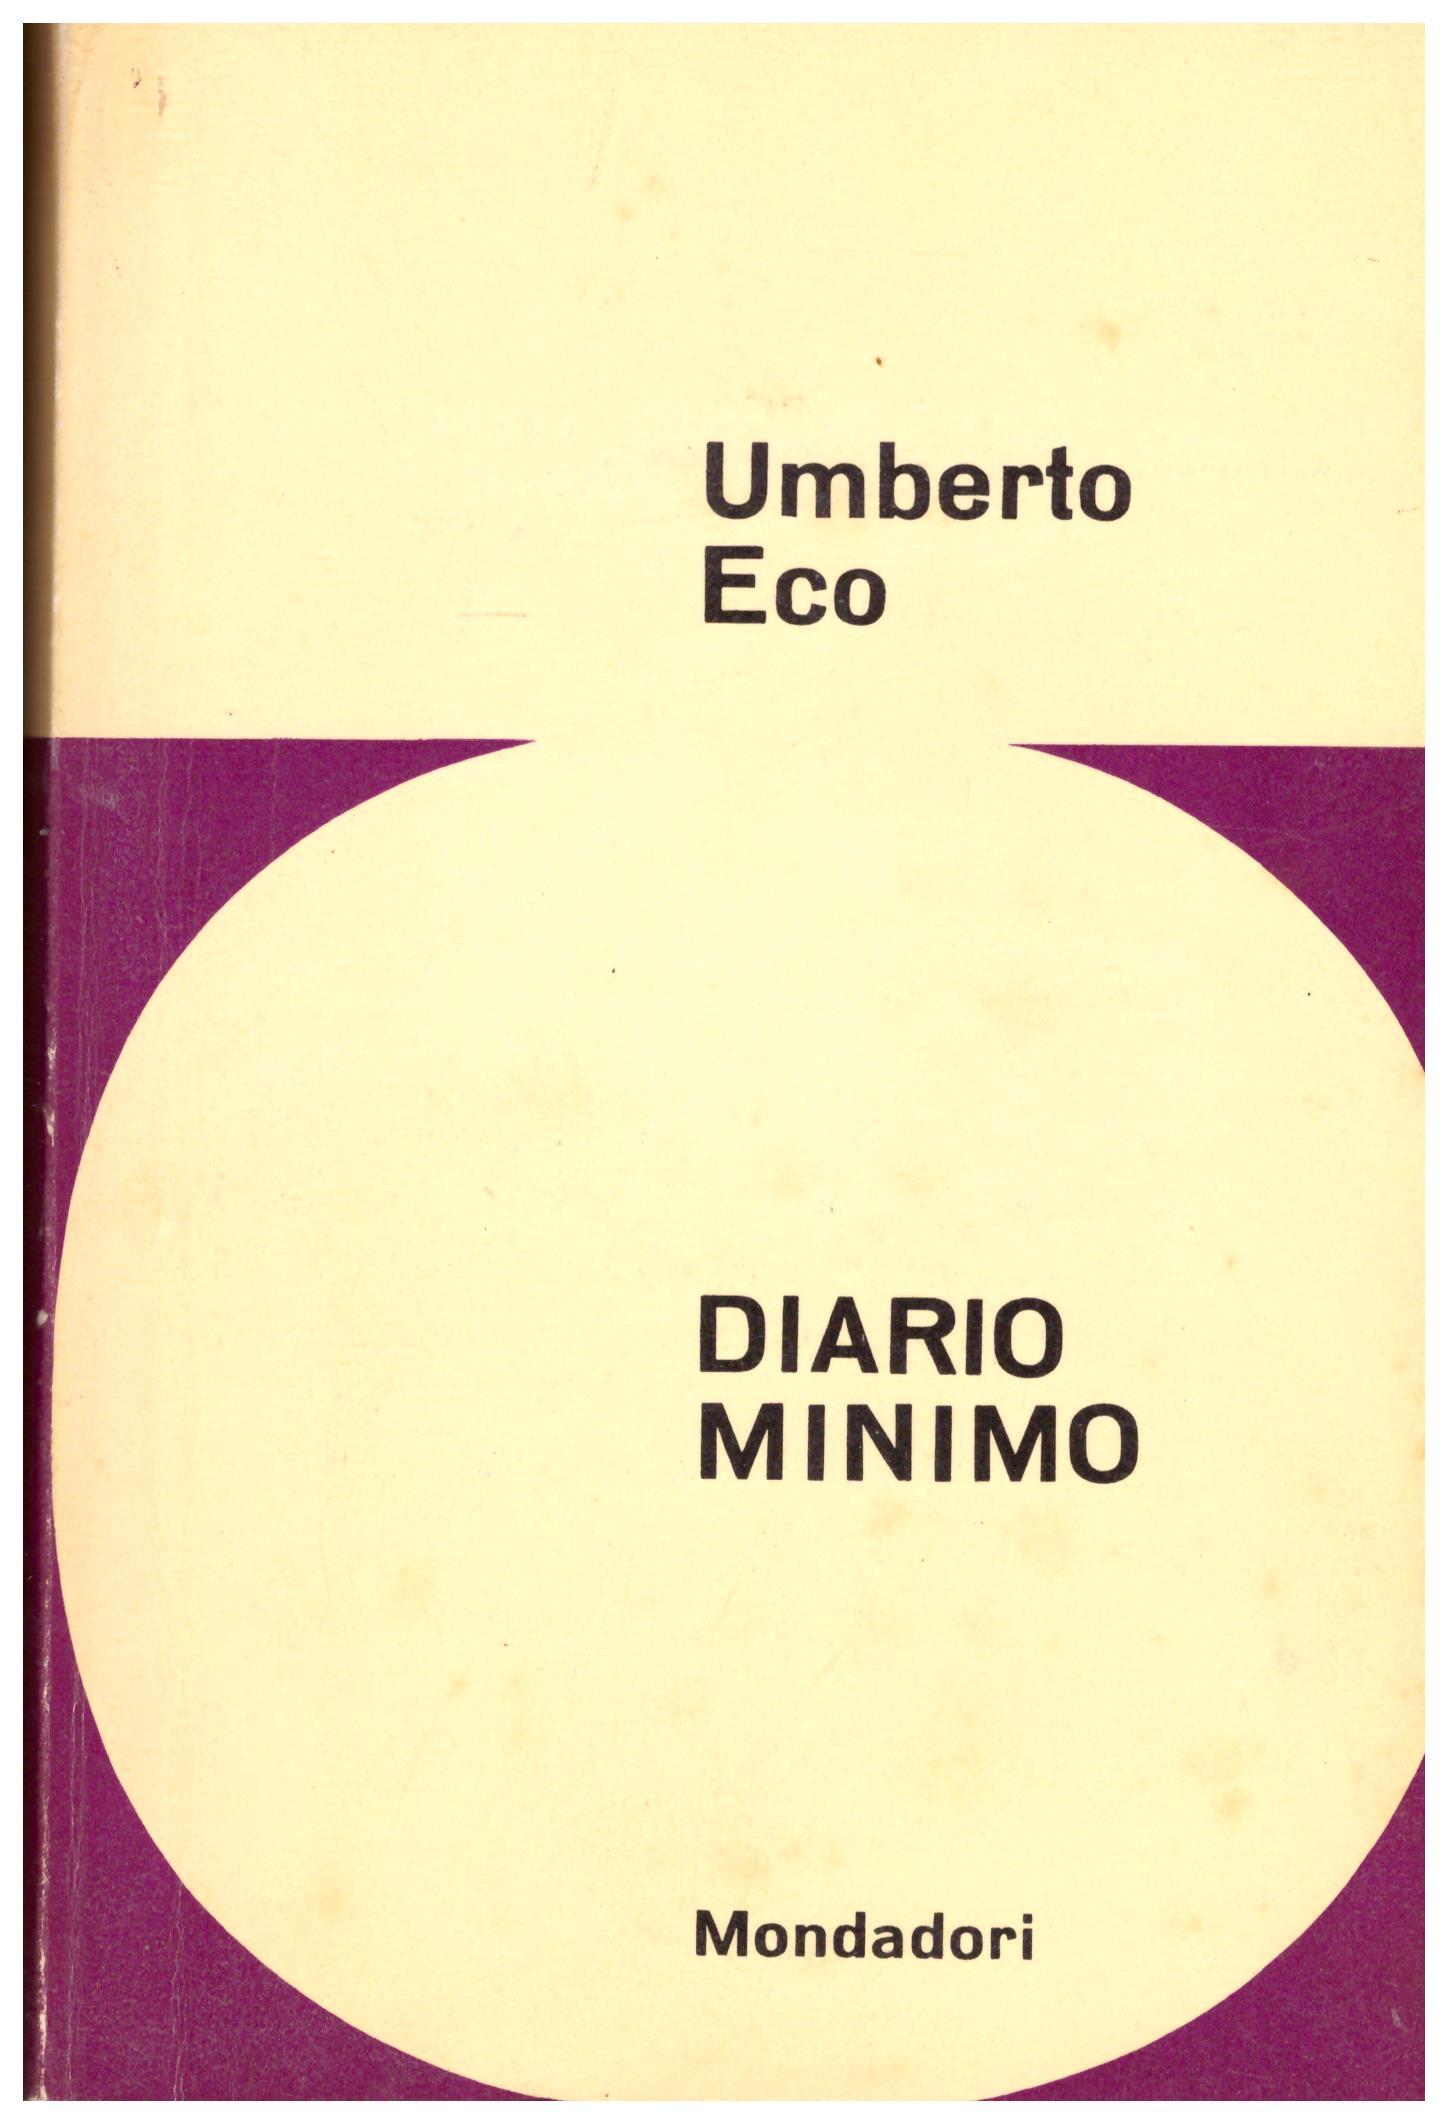 Titolo:Diario minimo Autore: Umberto Eco  Editore: mondadori gennaio 1963 PRIMA EDIZIONE